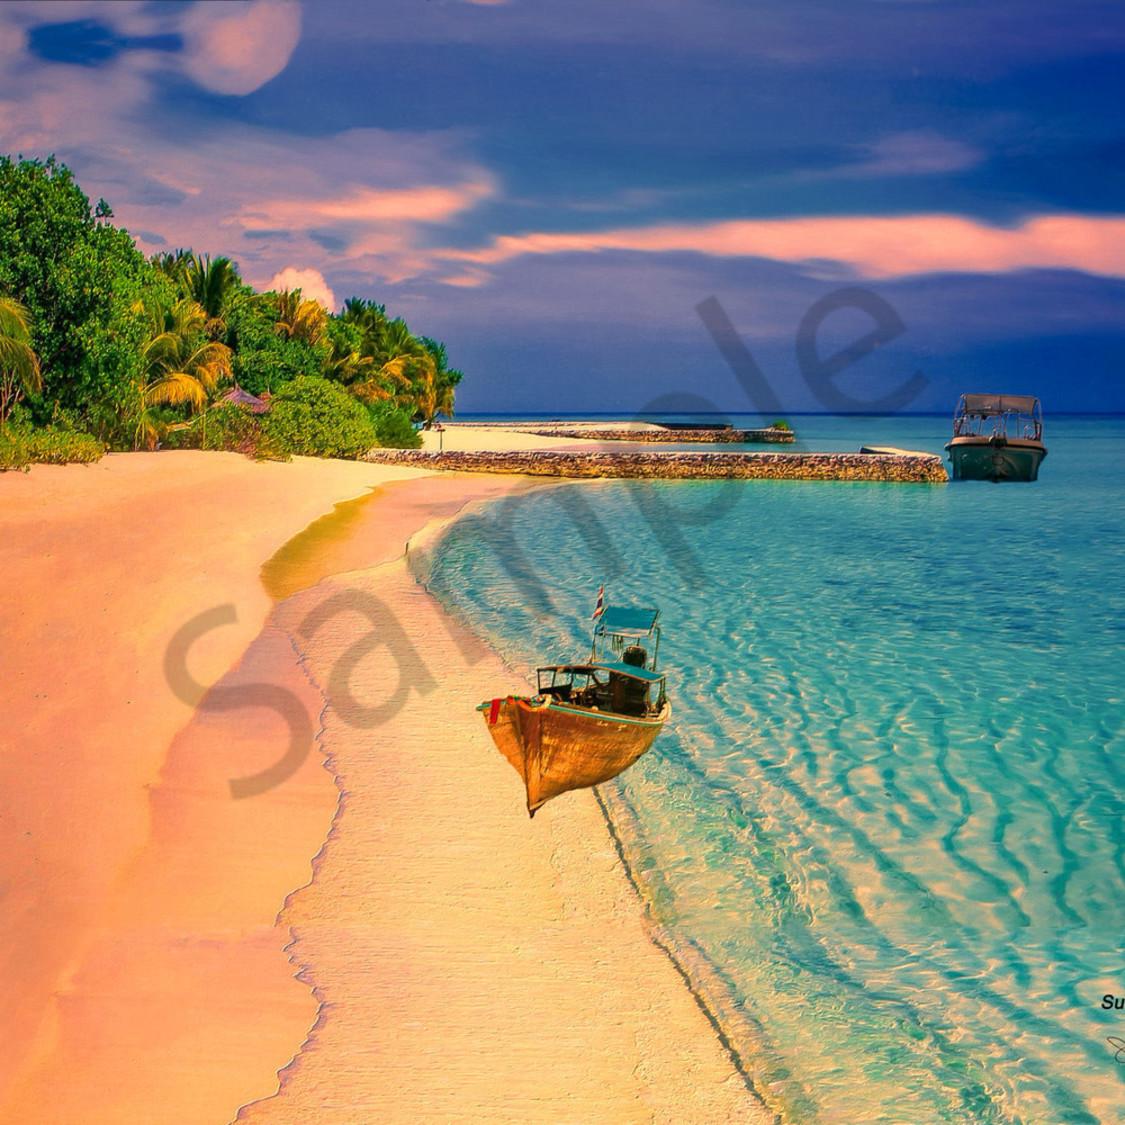 Sand on beach hxxoll